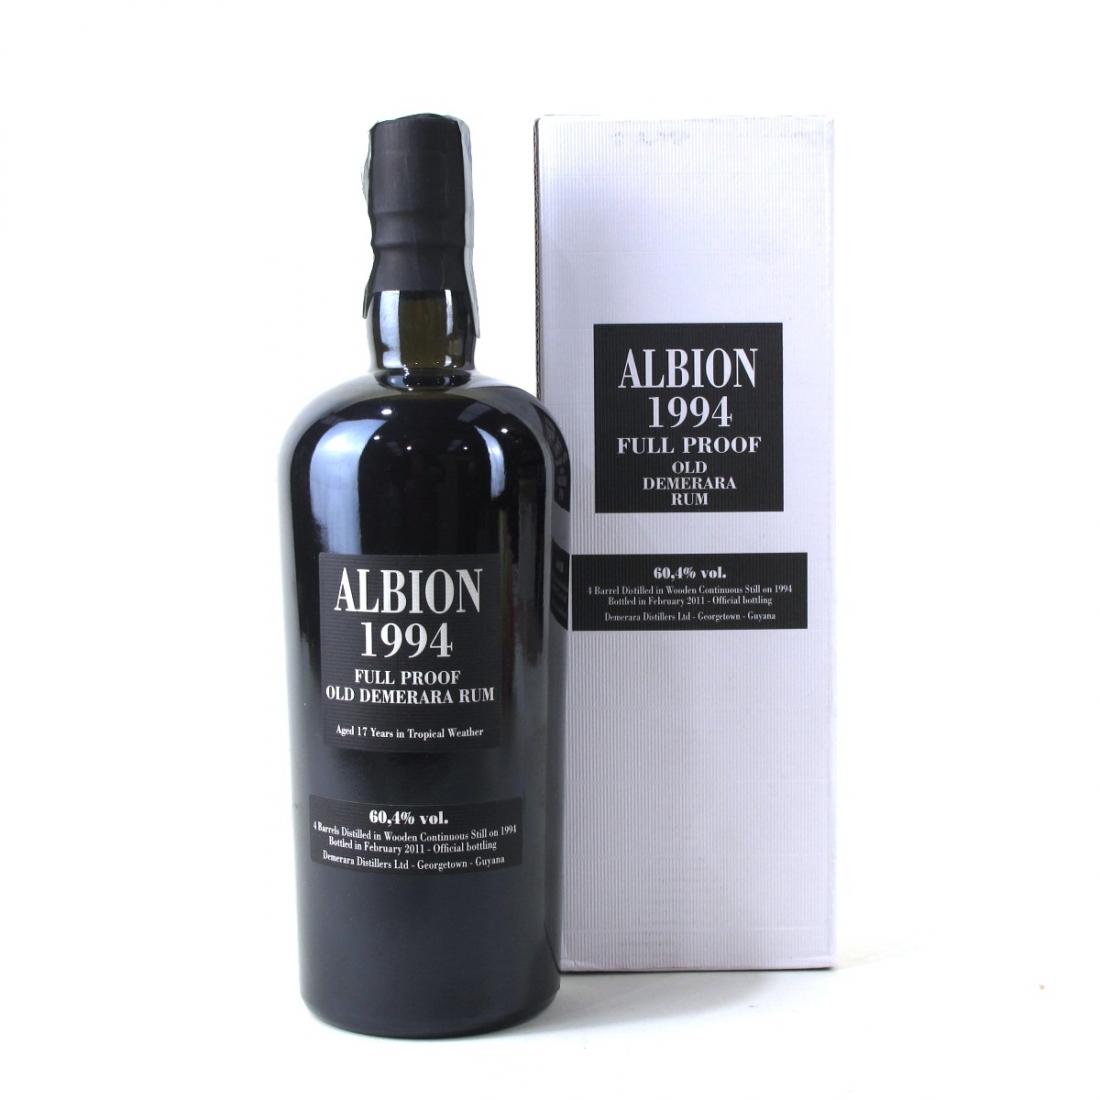 Albion 1994 Full Proof Demerara Rum / Enmore